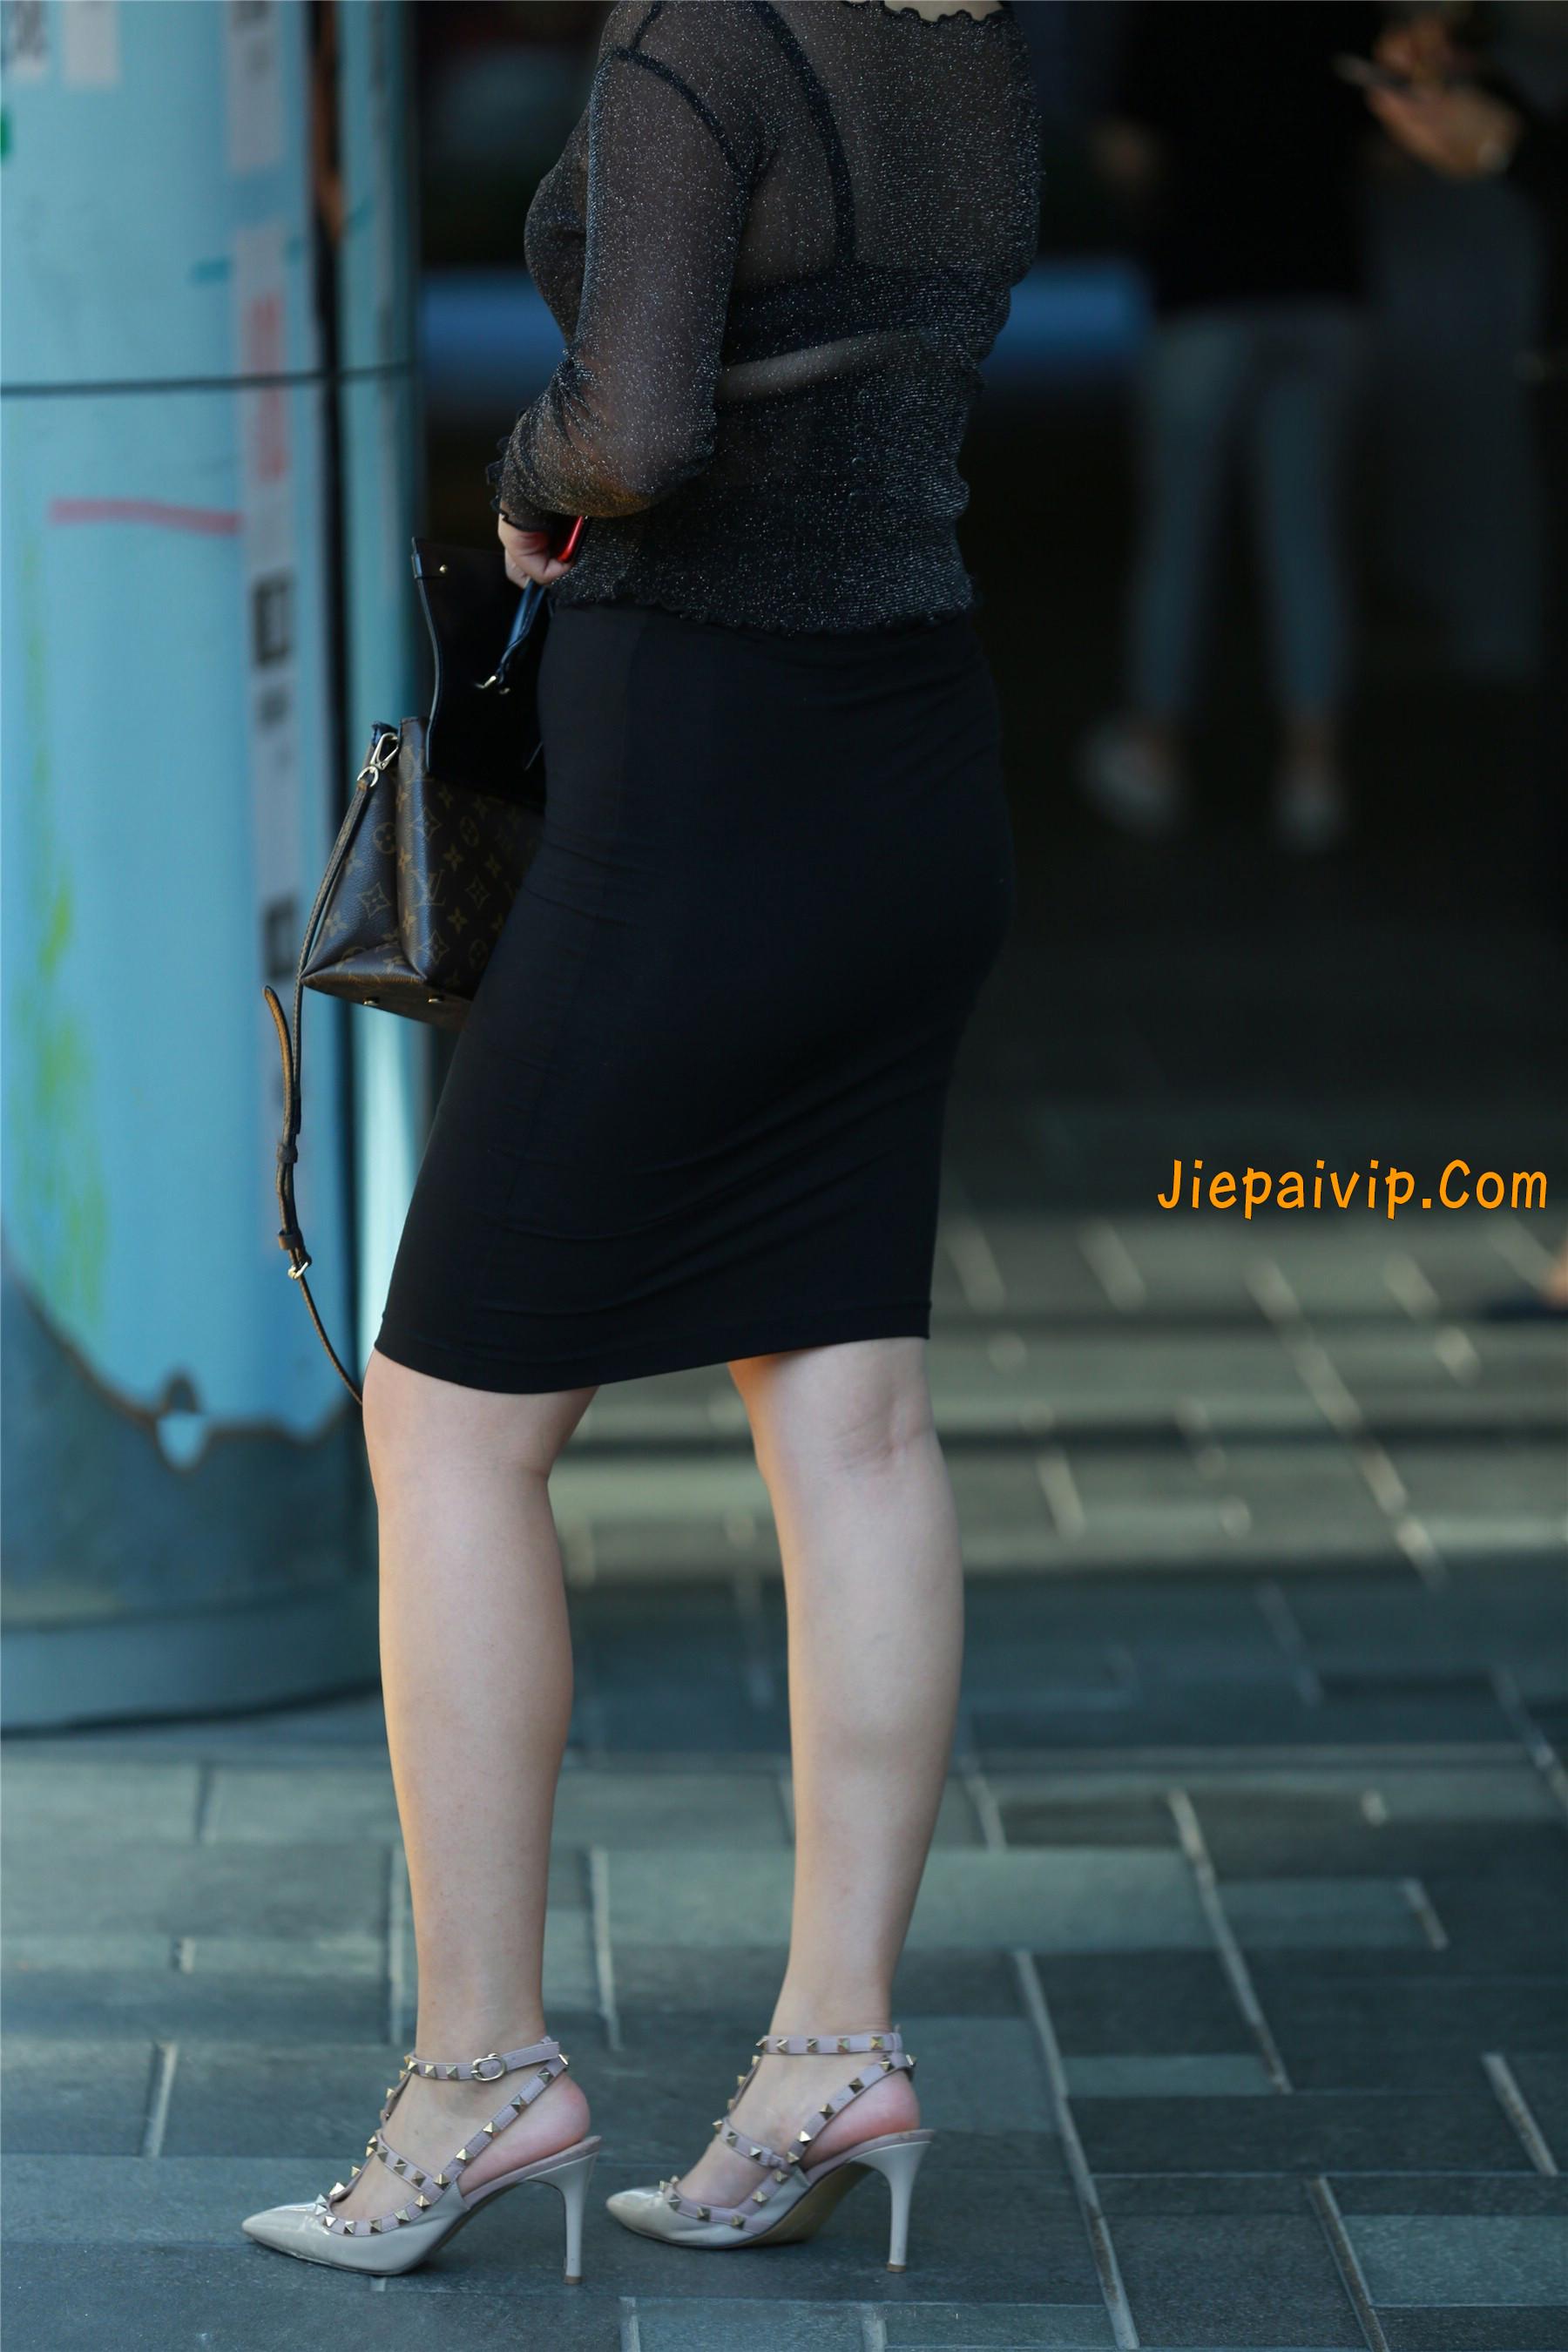 黑纱若隐若现,美腿包臀少妇4